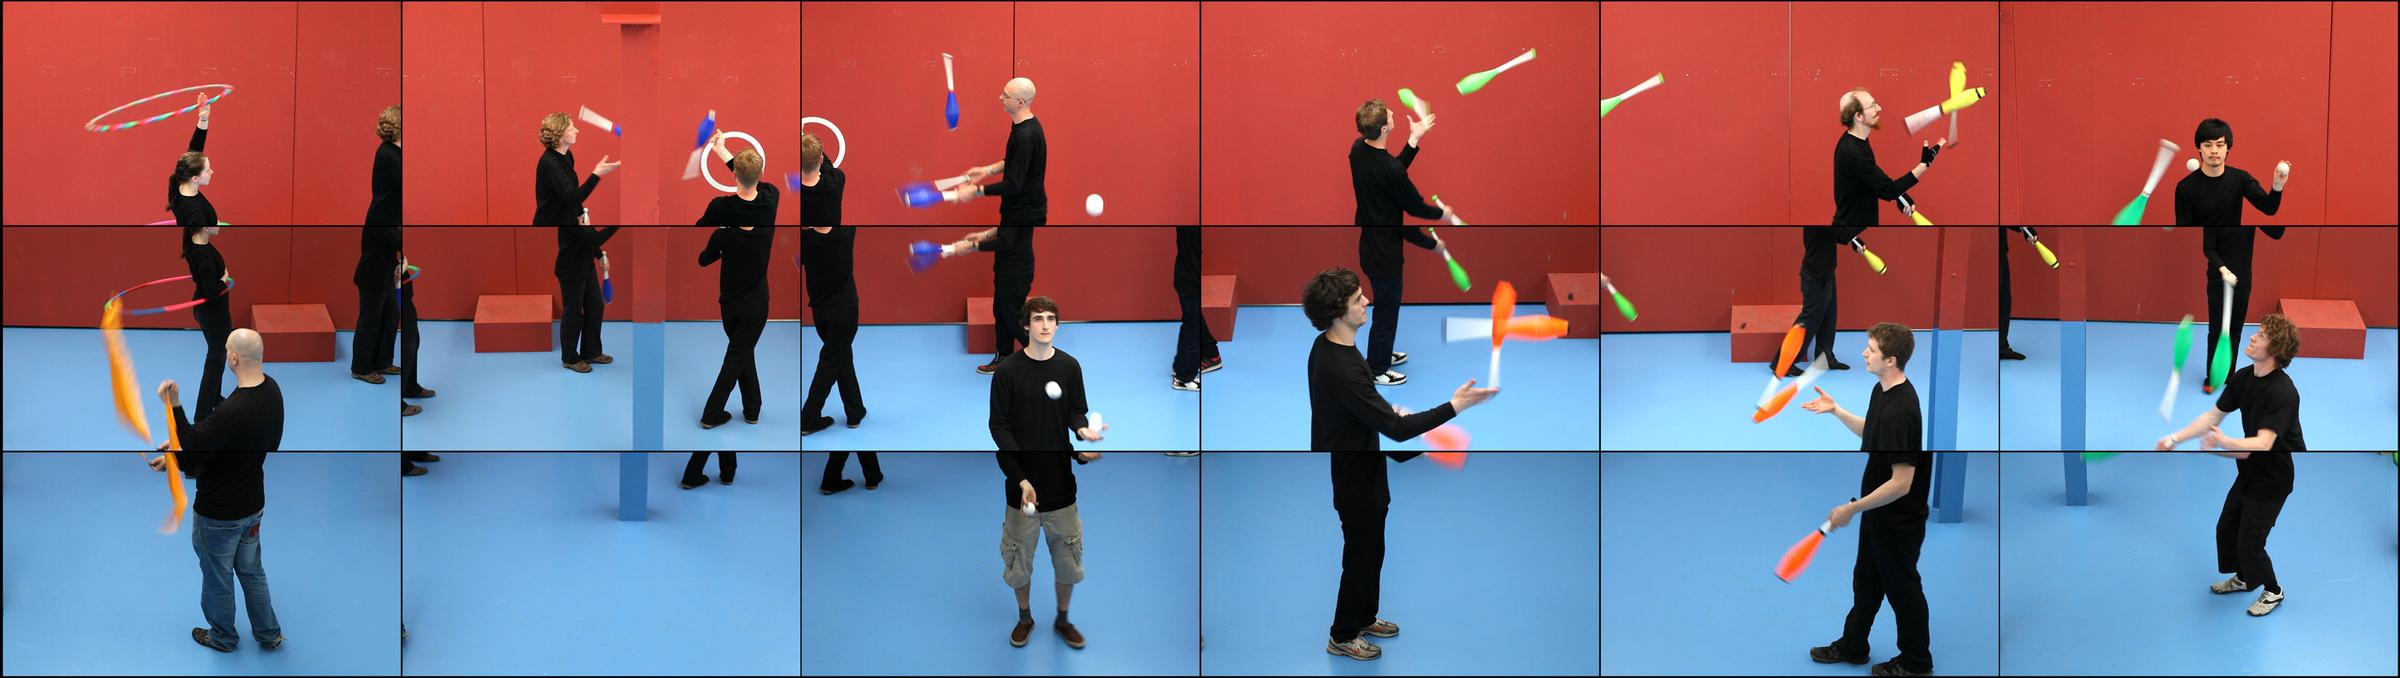 David Hockney, still from The Jugglers, June 24th 2012, 2012. Eighteen-screen video installation, 9 min..jpg